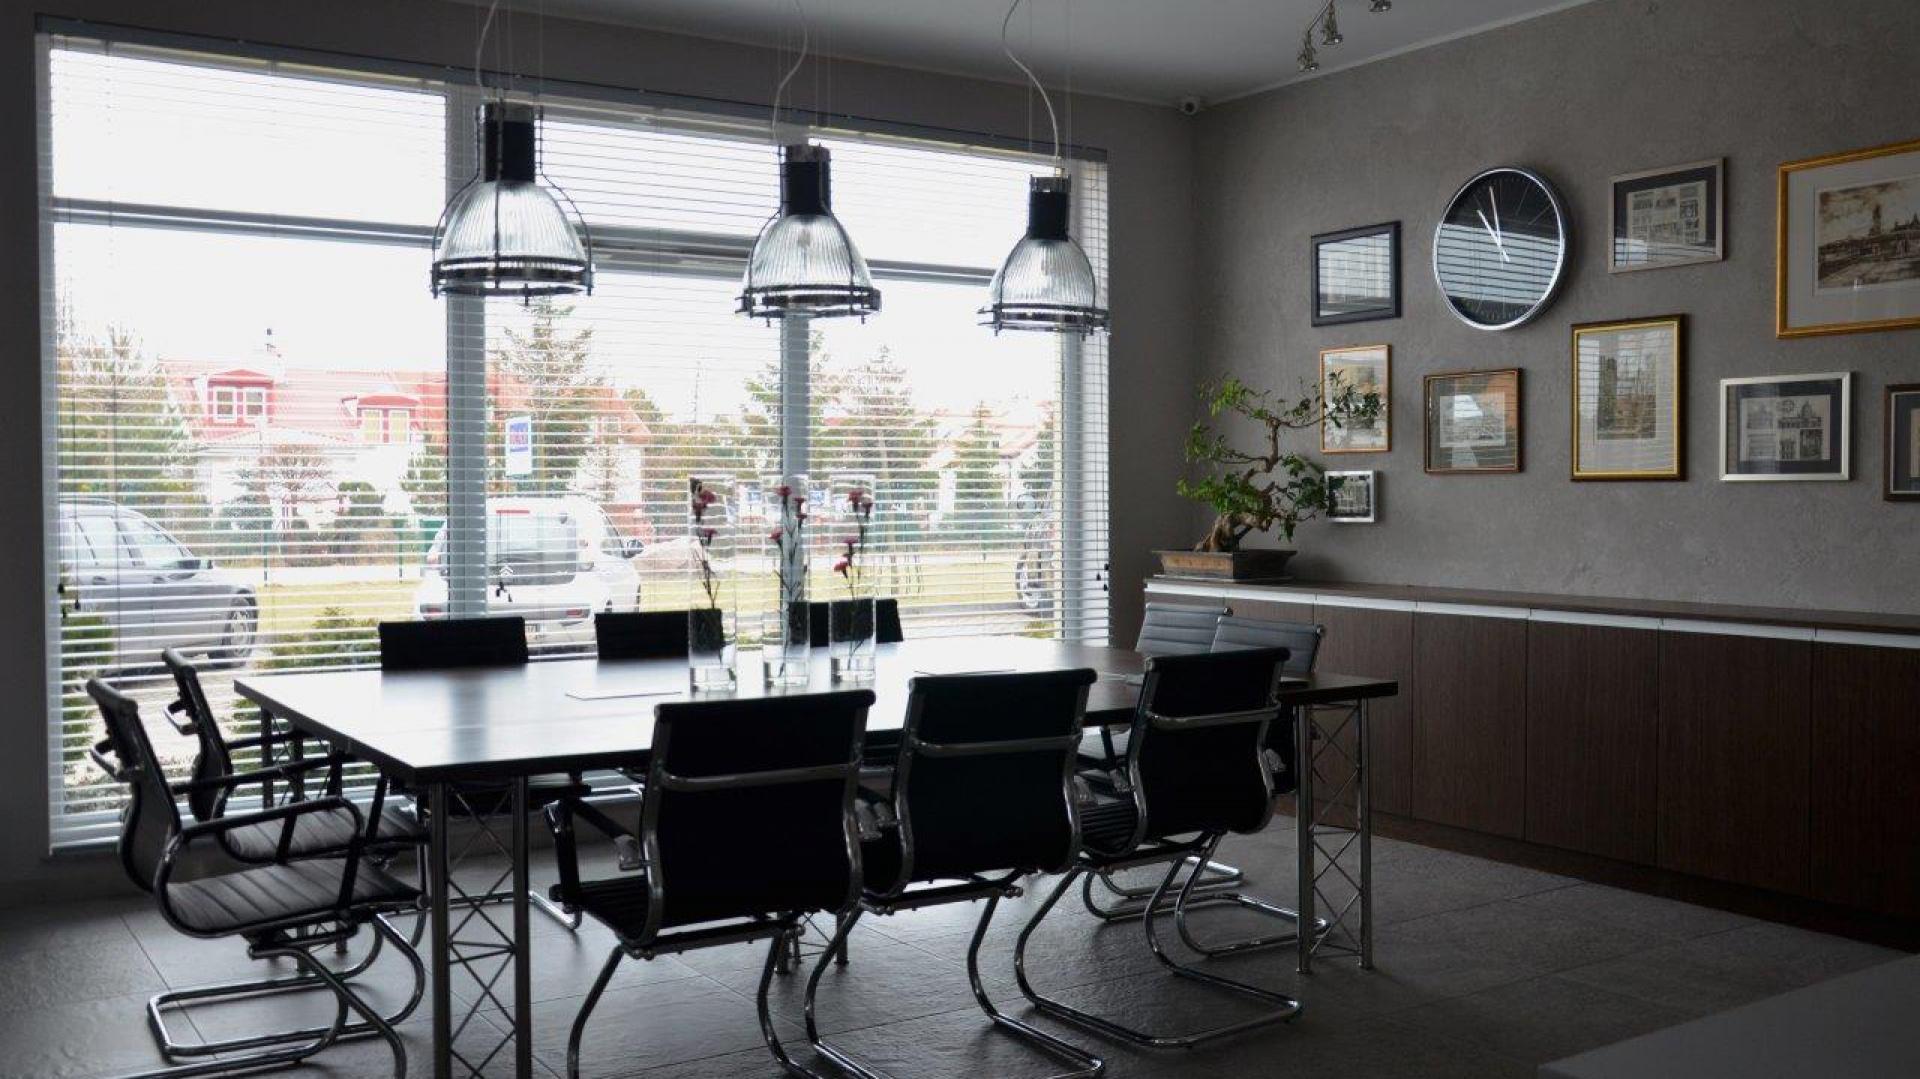 Biuro RAI urządzono w stylu industrialnym. Fot. Archiwum.